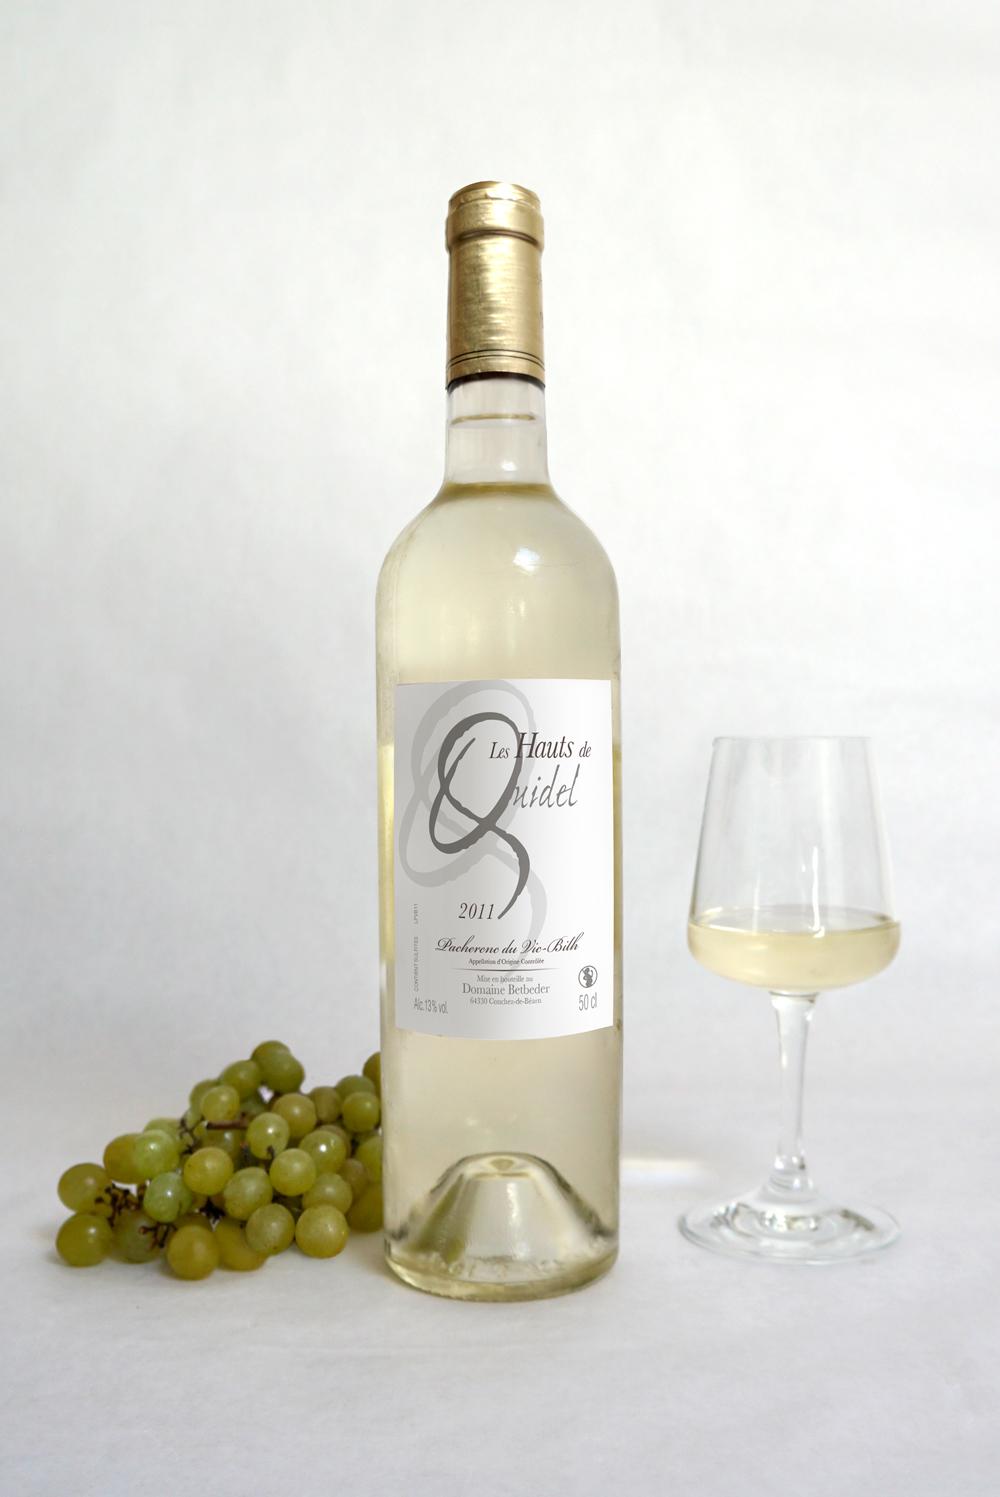 Design étiquette de vin - Les hauts de Quidel, domaine begbeder